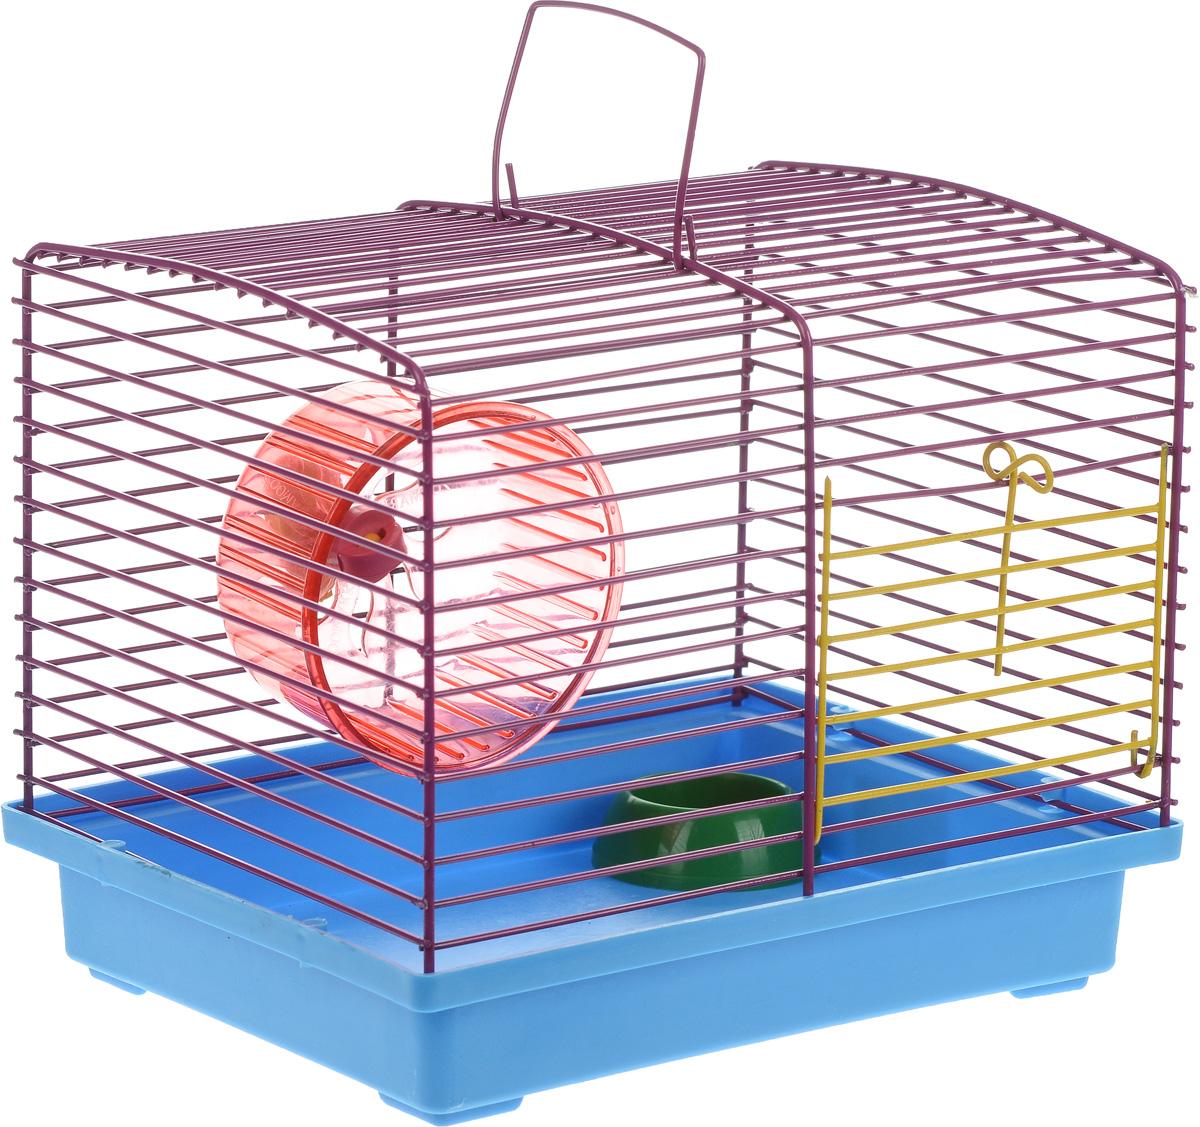 Клетка для хомяка ЗооМарк, с колесом и миской, цвет: голубой поддон, фиолетовая решетка, 23 х 18 х 18,5 см640_синий, зеленыйКлетка ЗооМарк, выполненная из пластика и металла, подходит для джунгарского хомячка или других небольших грызунов. Она оборудована колесом для подвижных игр и миской. Клетка имеет яркий поддон, удобна в использовании и легко чистится. Такая клетка станет личным пространством и уютным домиком для маленького грызуна.Комплектация:- клетка с поддоном;- колесо;- миска.Размер клетки: 23 см х 18 см х 18,5 см.